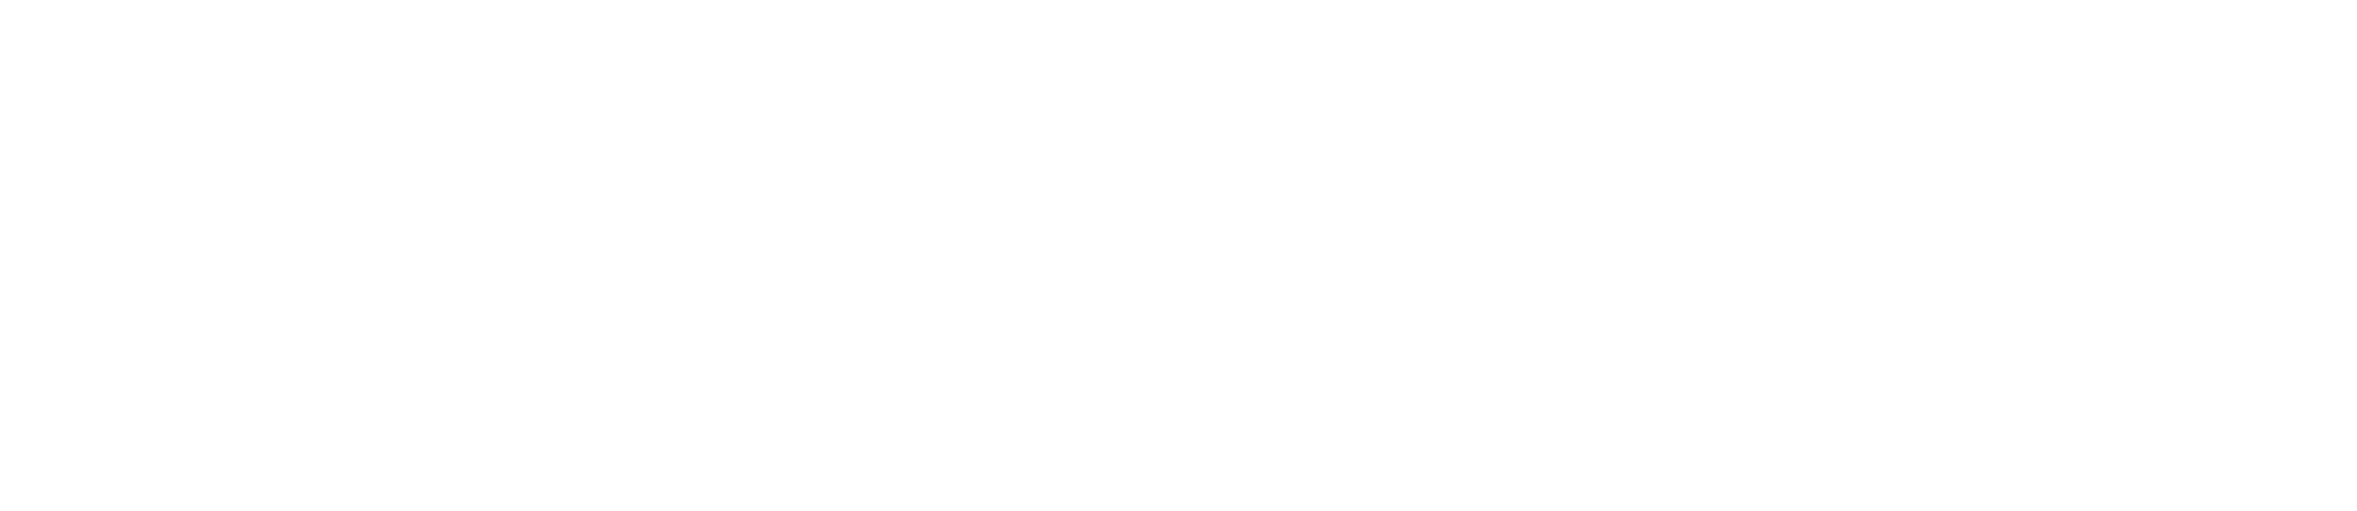 Autorità di Sistema Portuale del Mare Adriatico Orientale - Porti di Trieste e Monfalcone